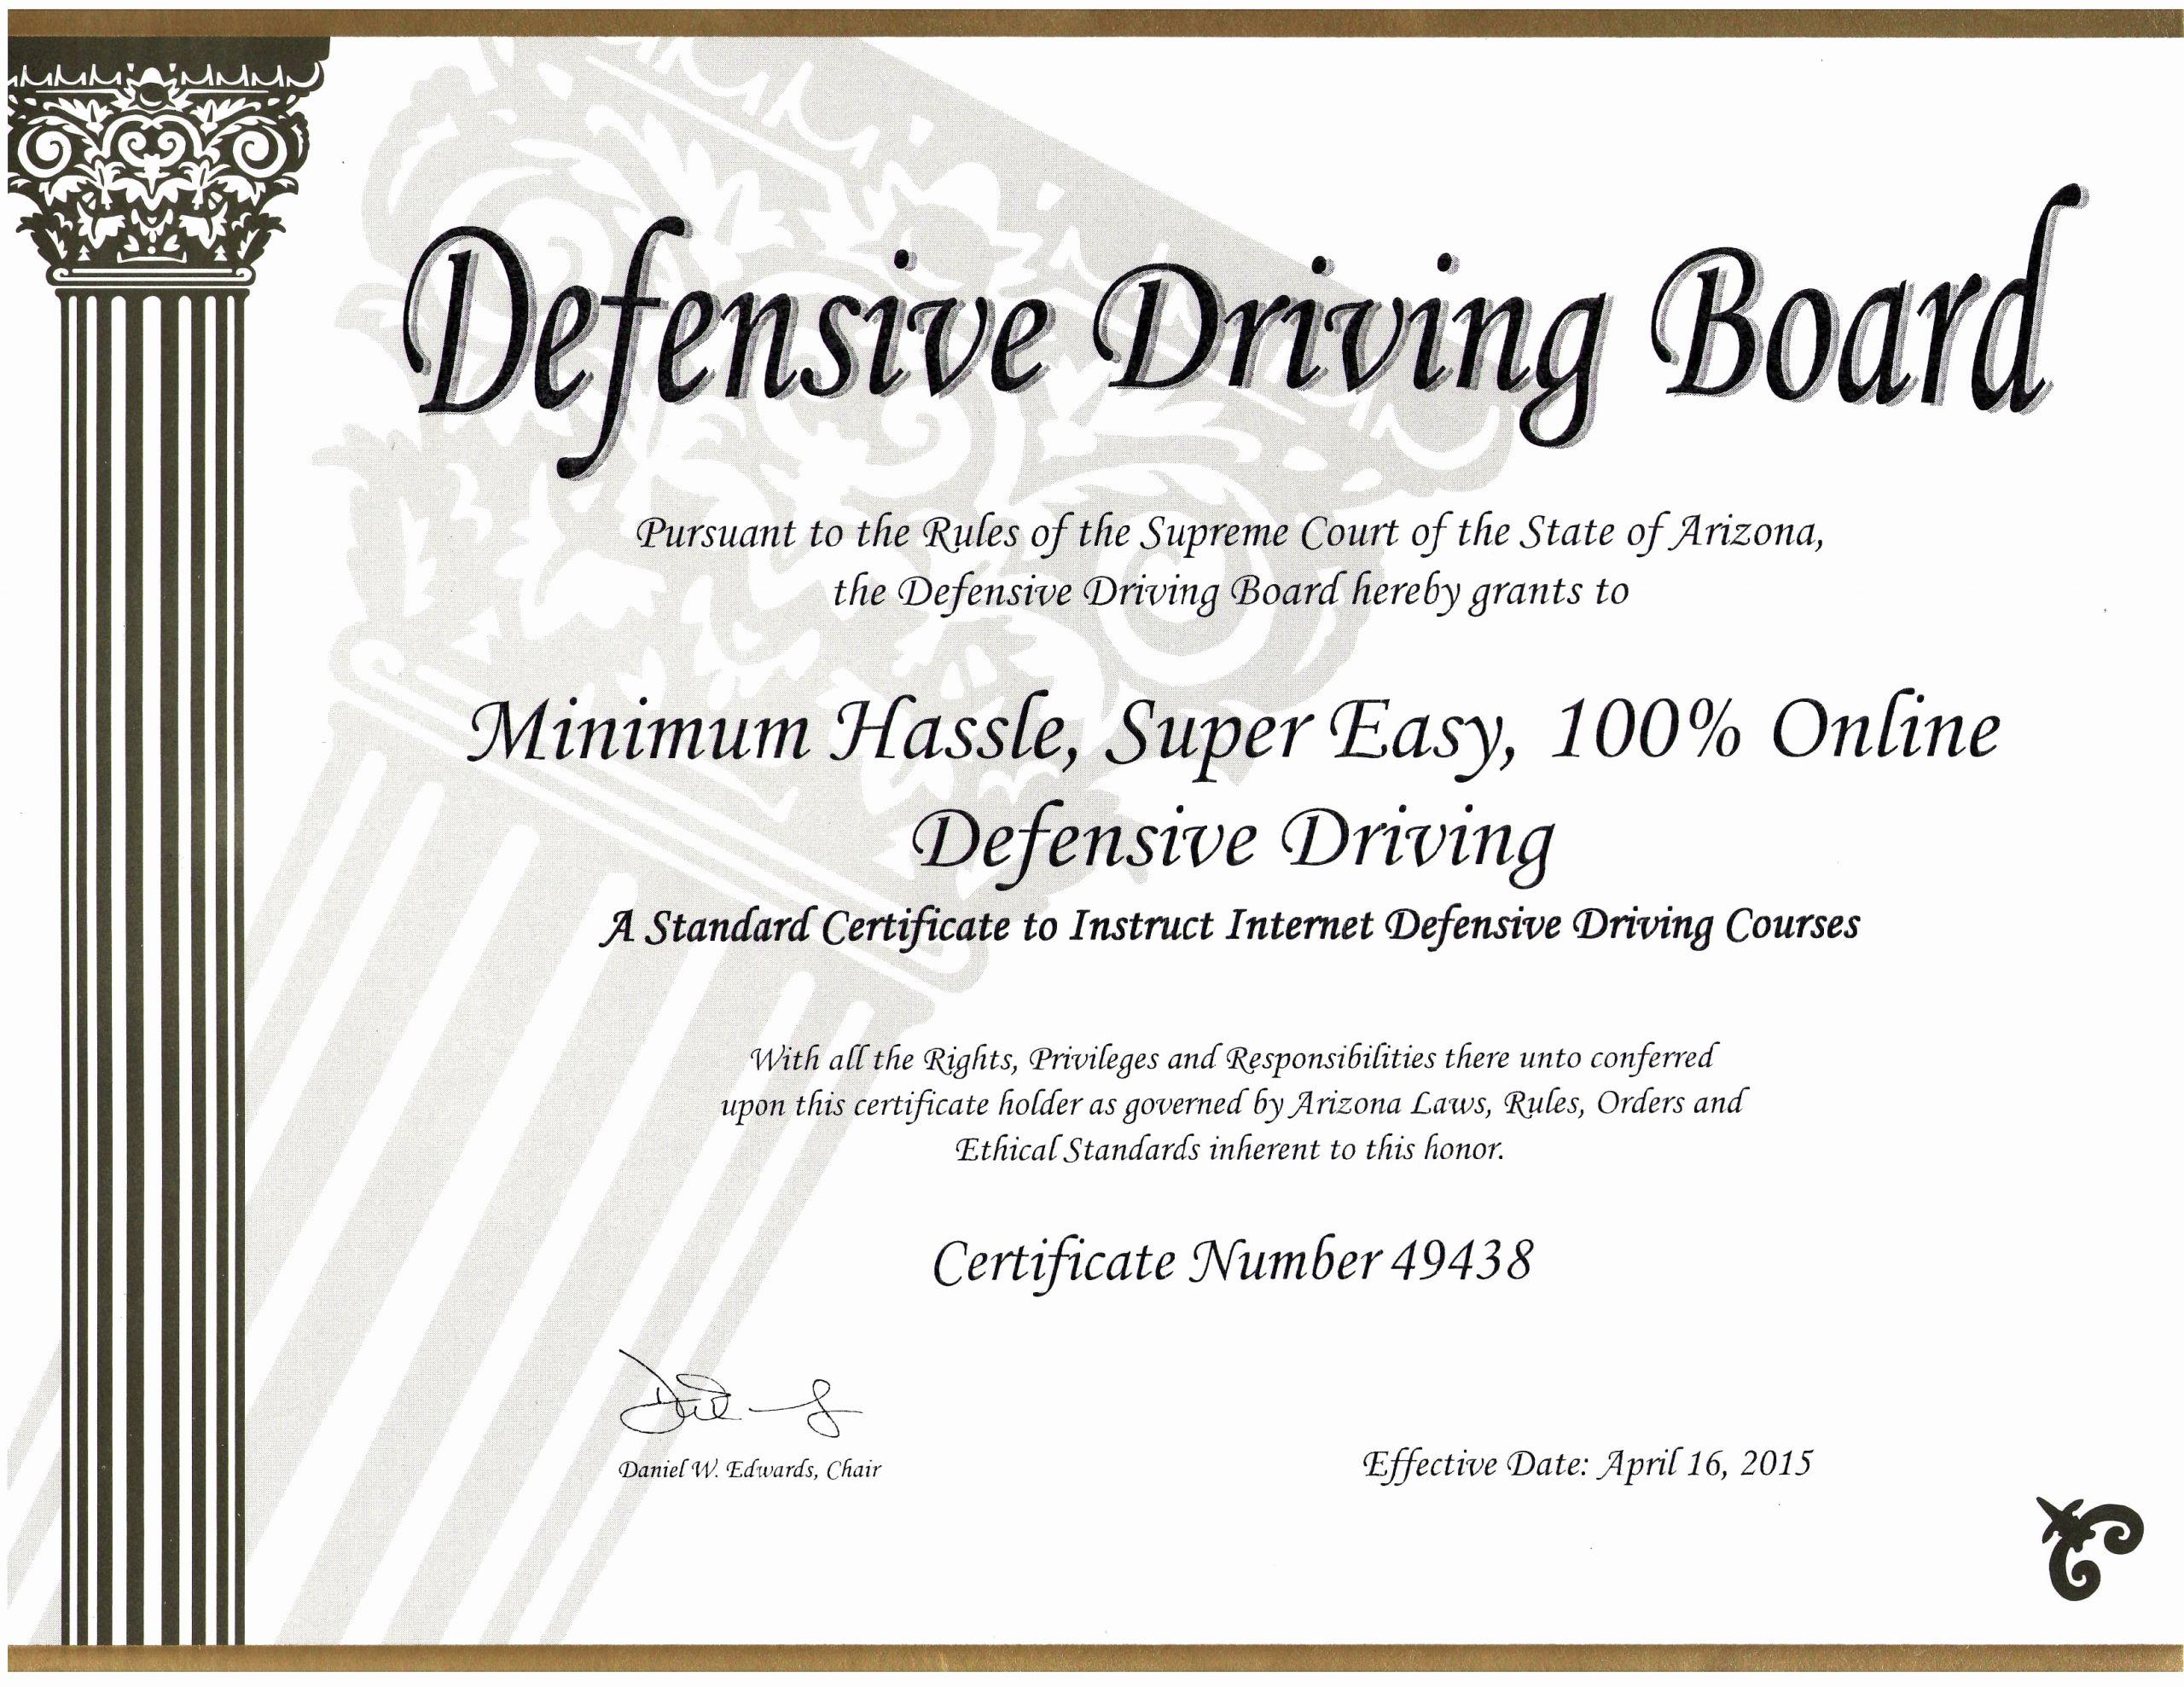 Defensive Driving Certificate Template Elegant 30 Defensive Driving Certificate Template